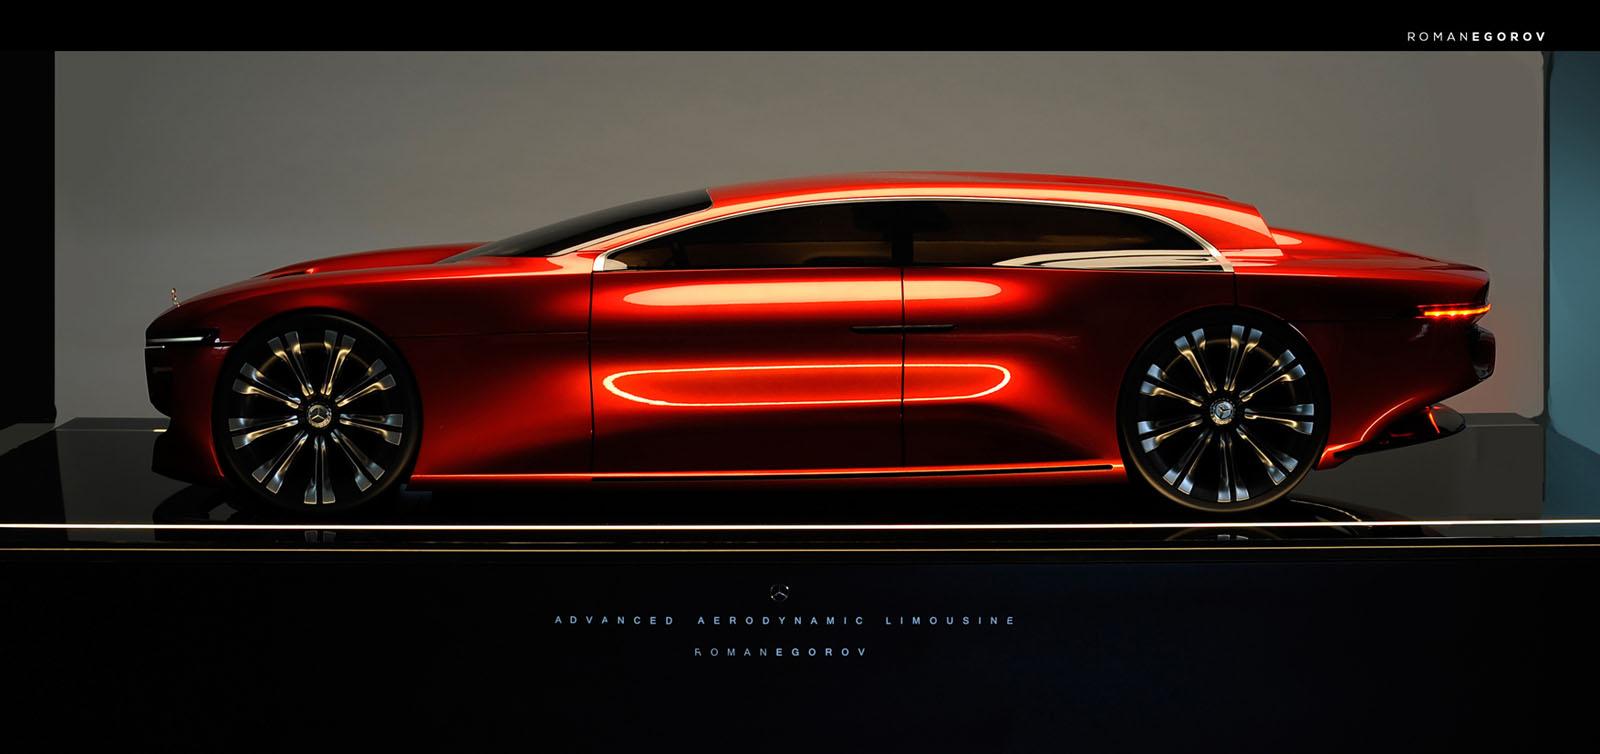 concept car aero dinamic